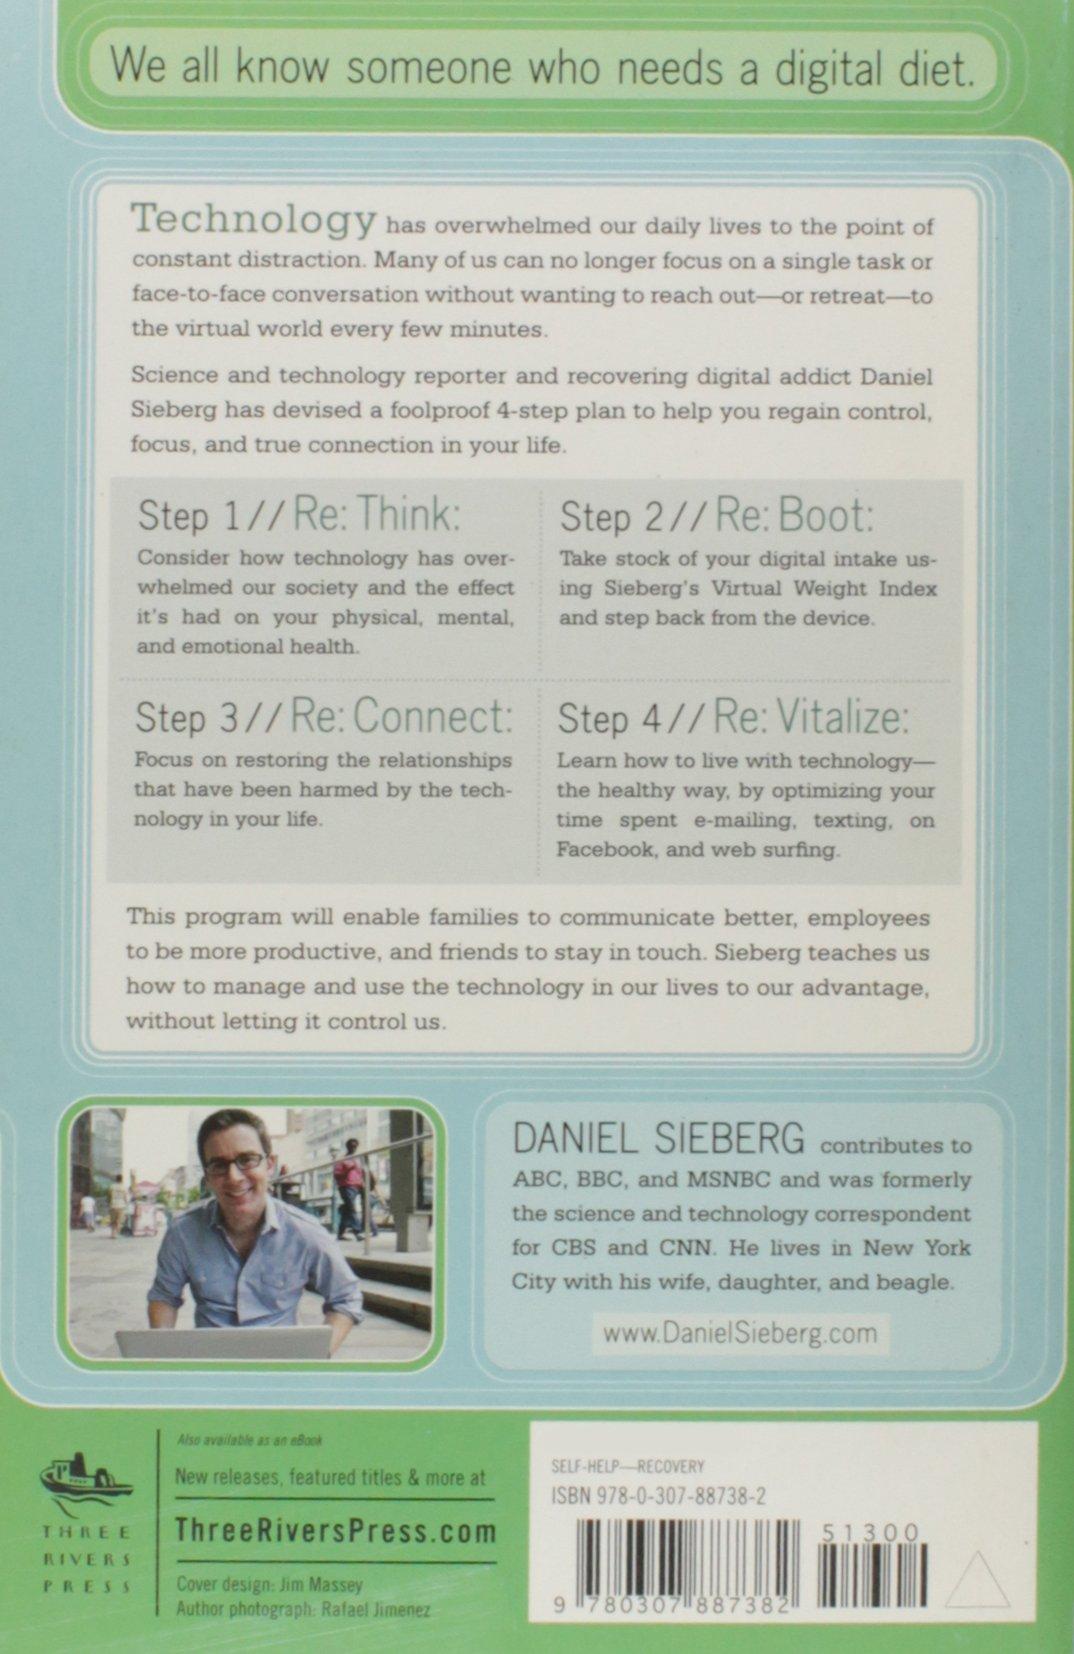 steps of digital diet plan